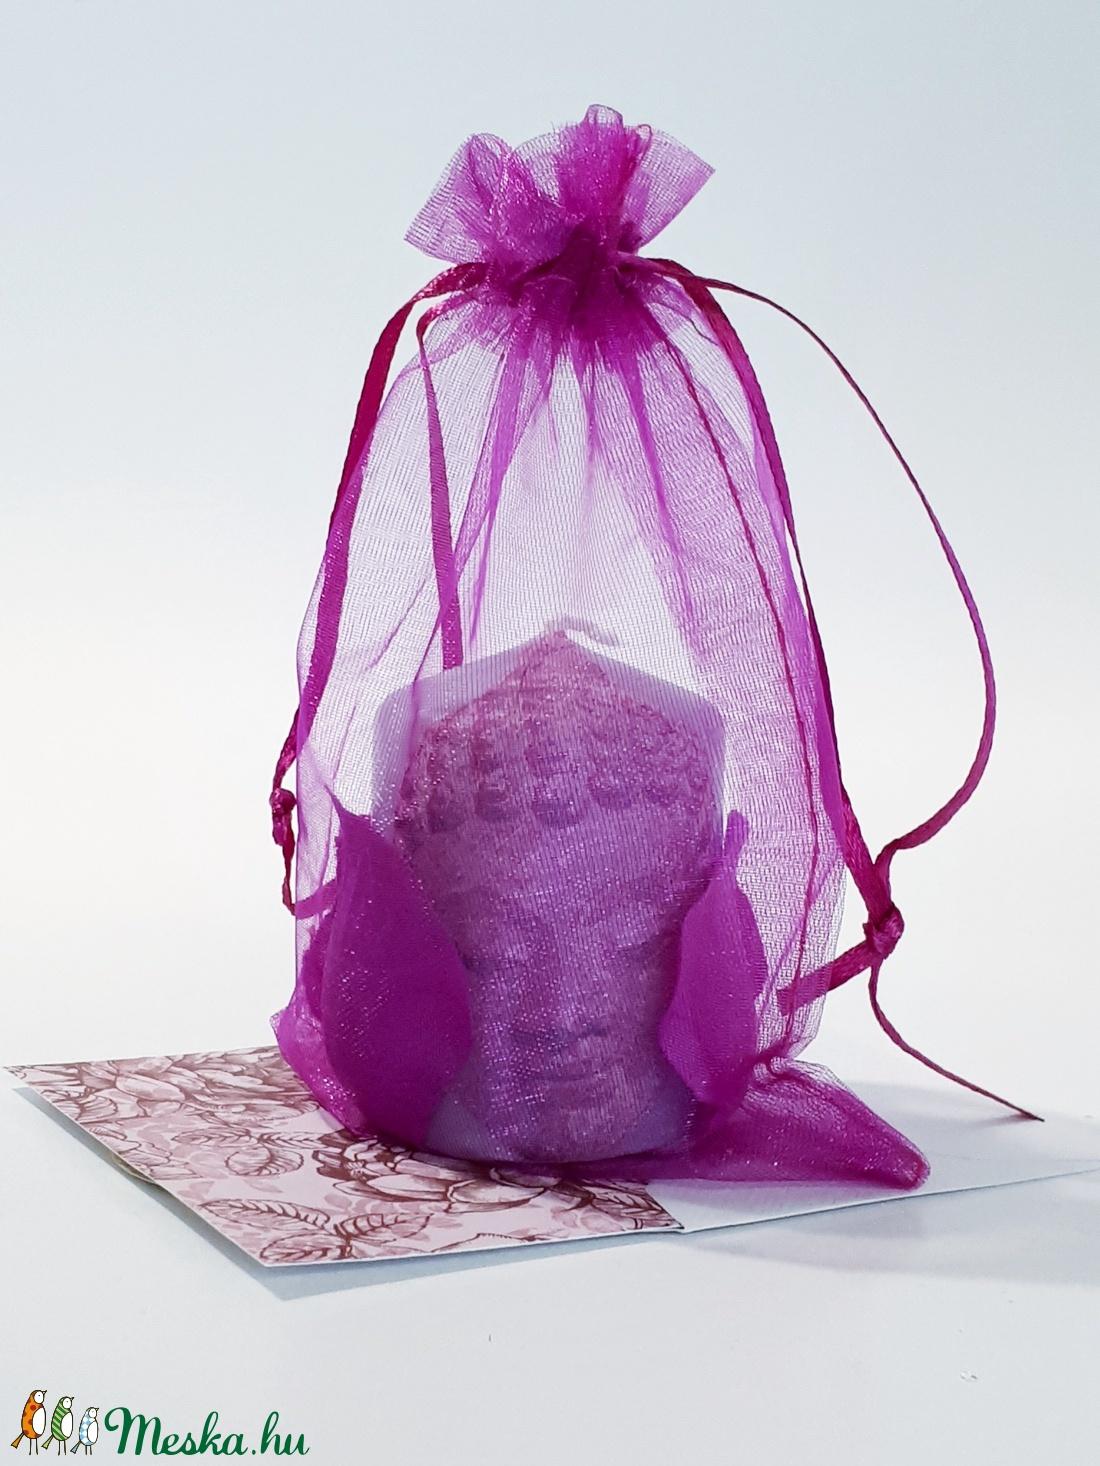 Buddha lila szirmos gyertya spirituális ajándék névnapra, szülinapra, nőnapra, anyák napjára (Biborvarazs) - Meska.hu